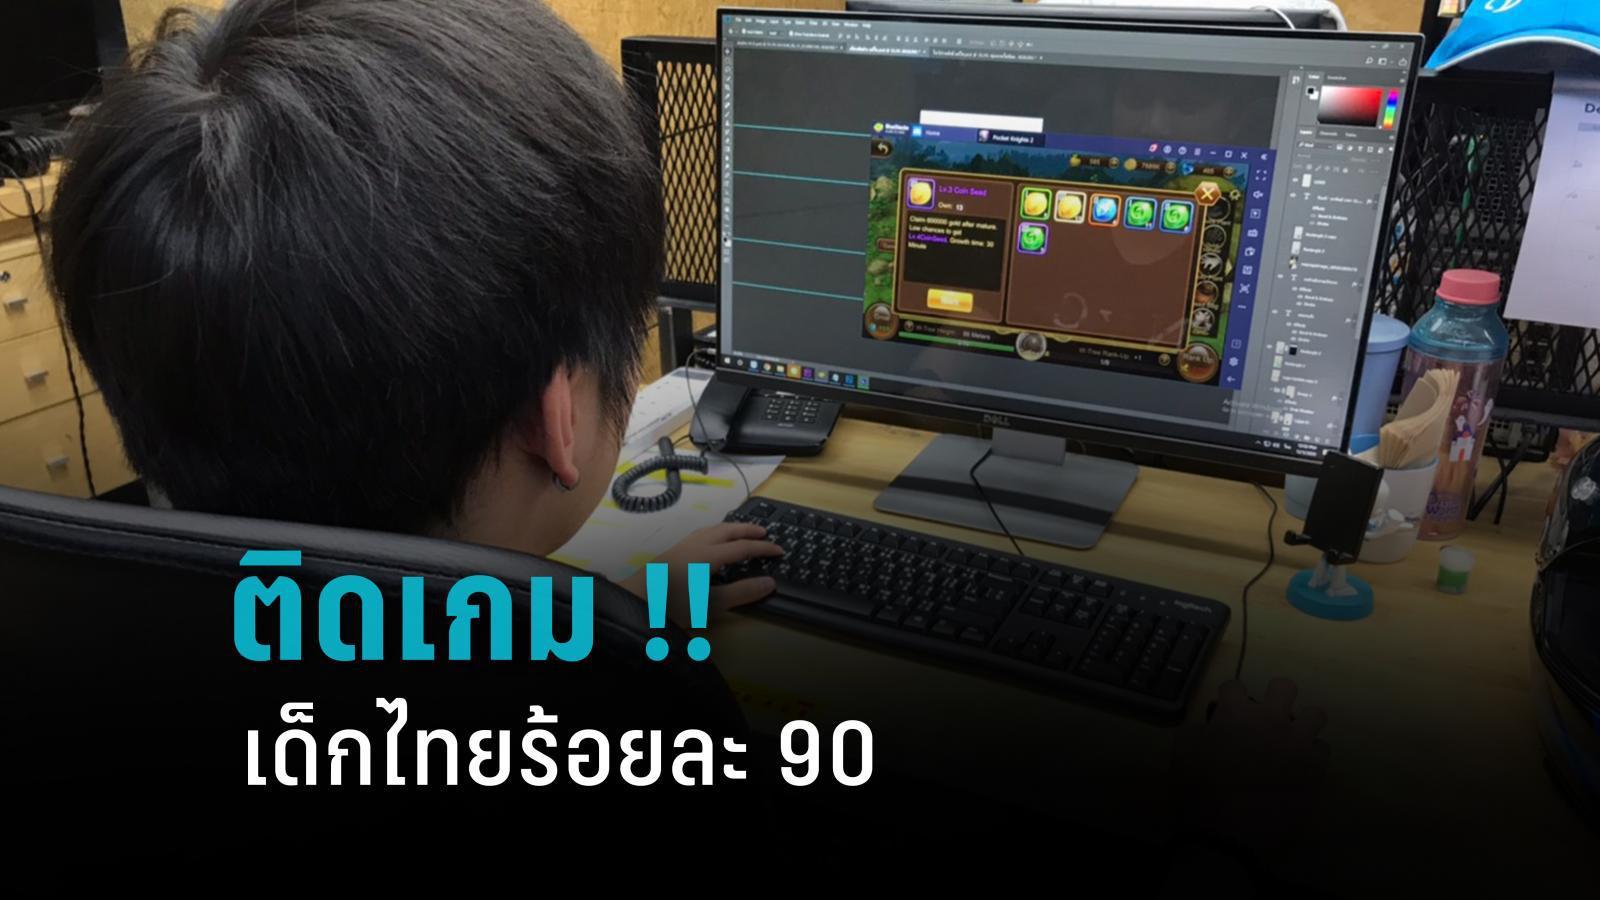 เด็กไทยร้อยละ 90 ติดเกม ร้อยละ 15 ติดพนัน